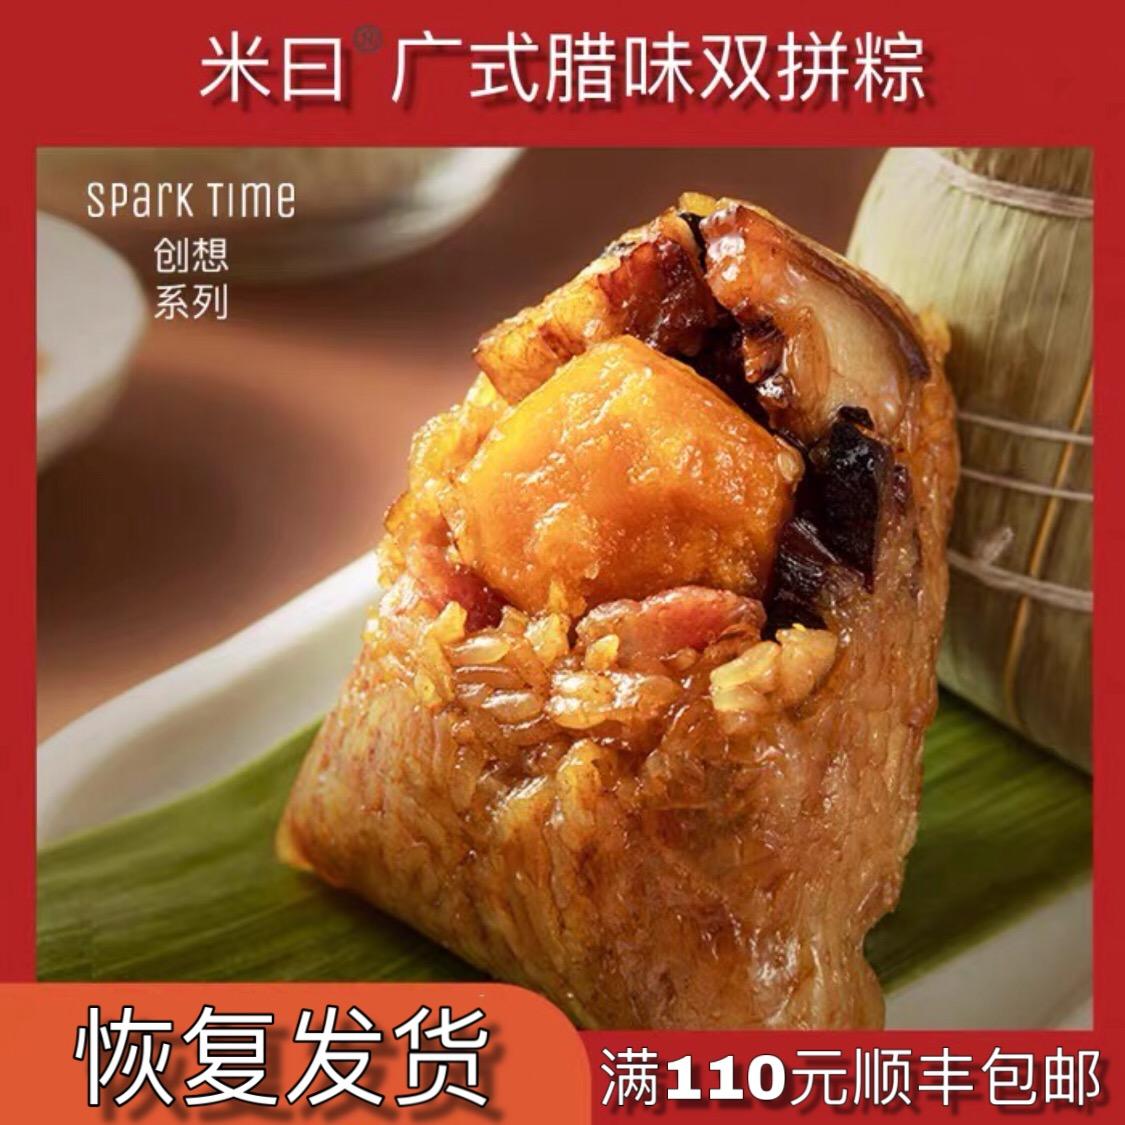 米曰腊肉粽 粽子蛋黄肉粽 广式腊肉五花肉160g*4个 真空袋装即食